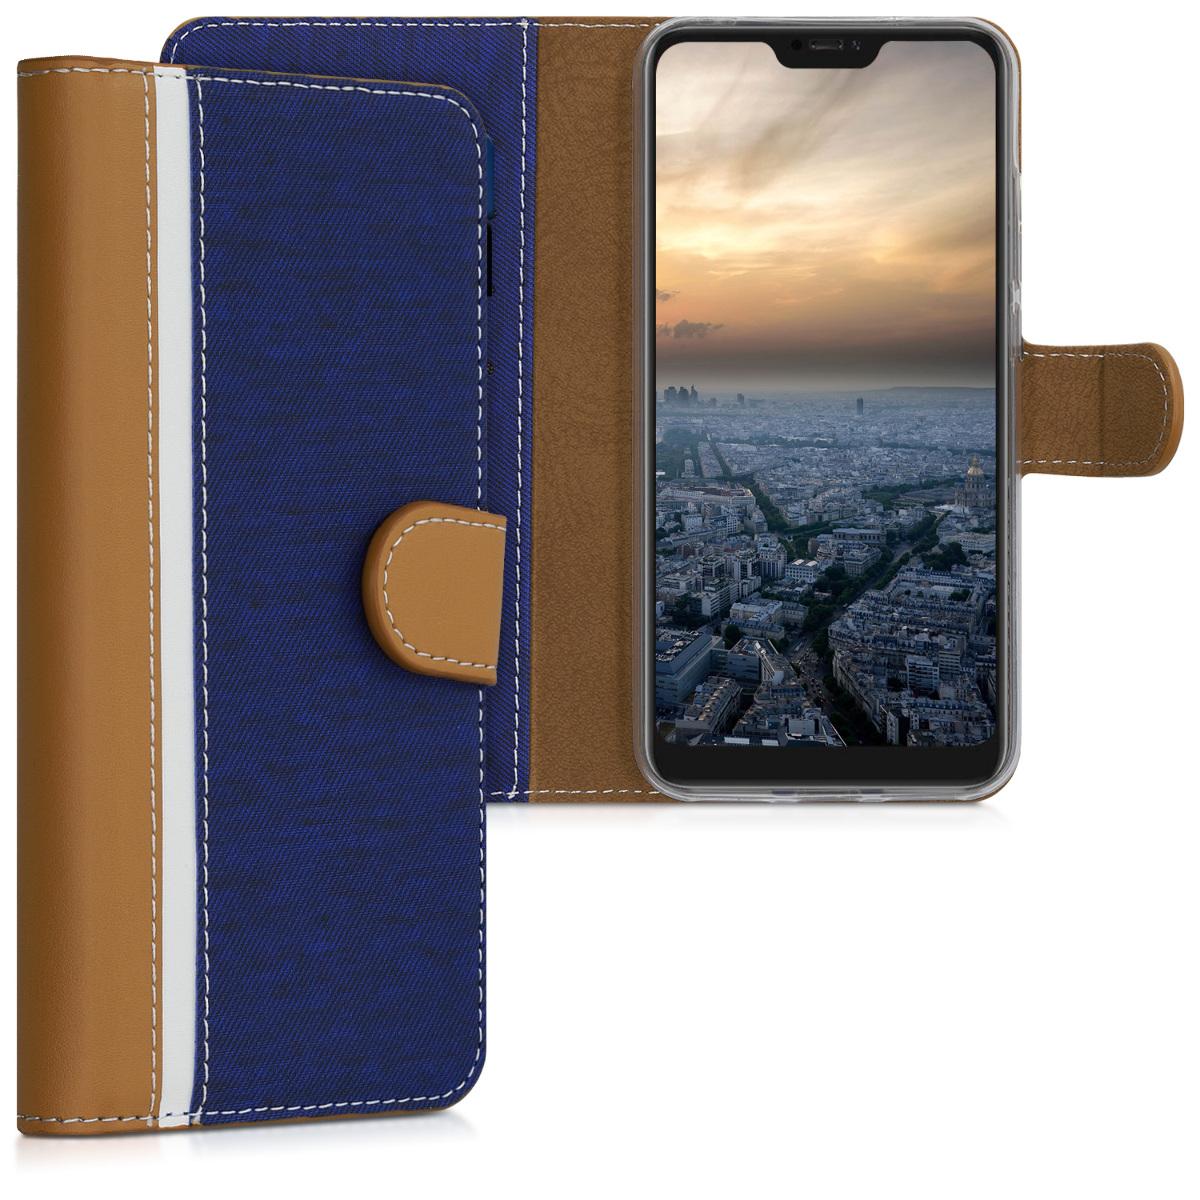 Kožené pouzdro | obal pro Xiaomi Redmi 6 Pro | Mi A2 Lite - tmavě Blue / hnědý / bílý